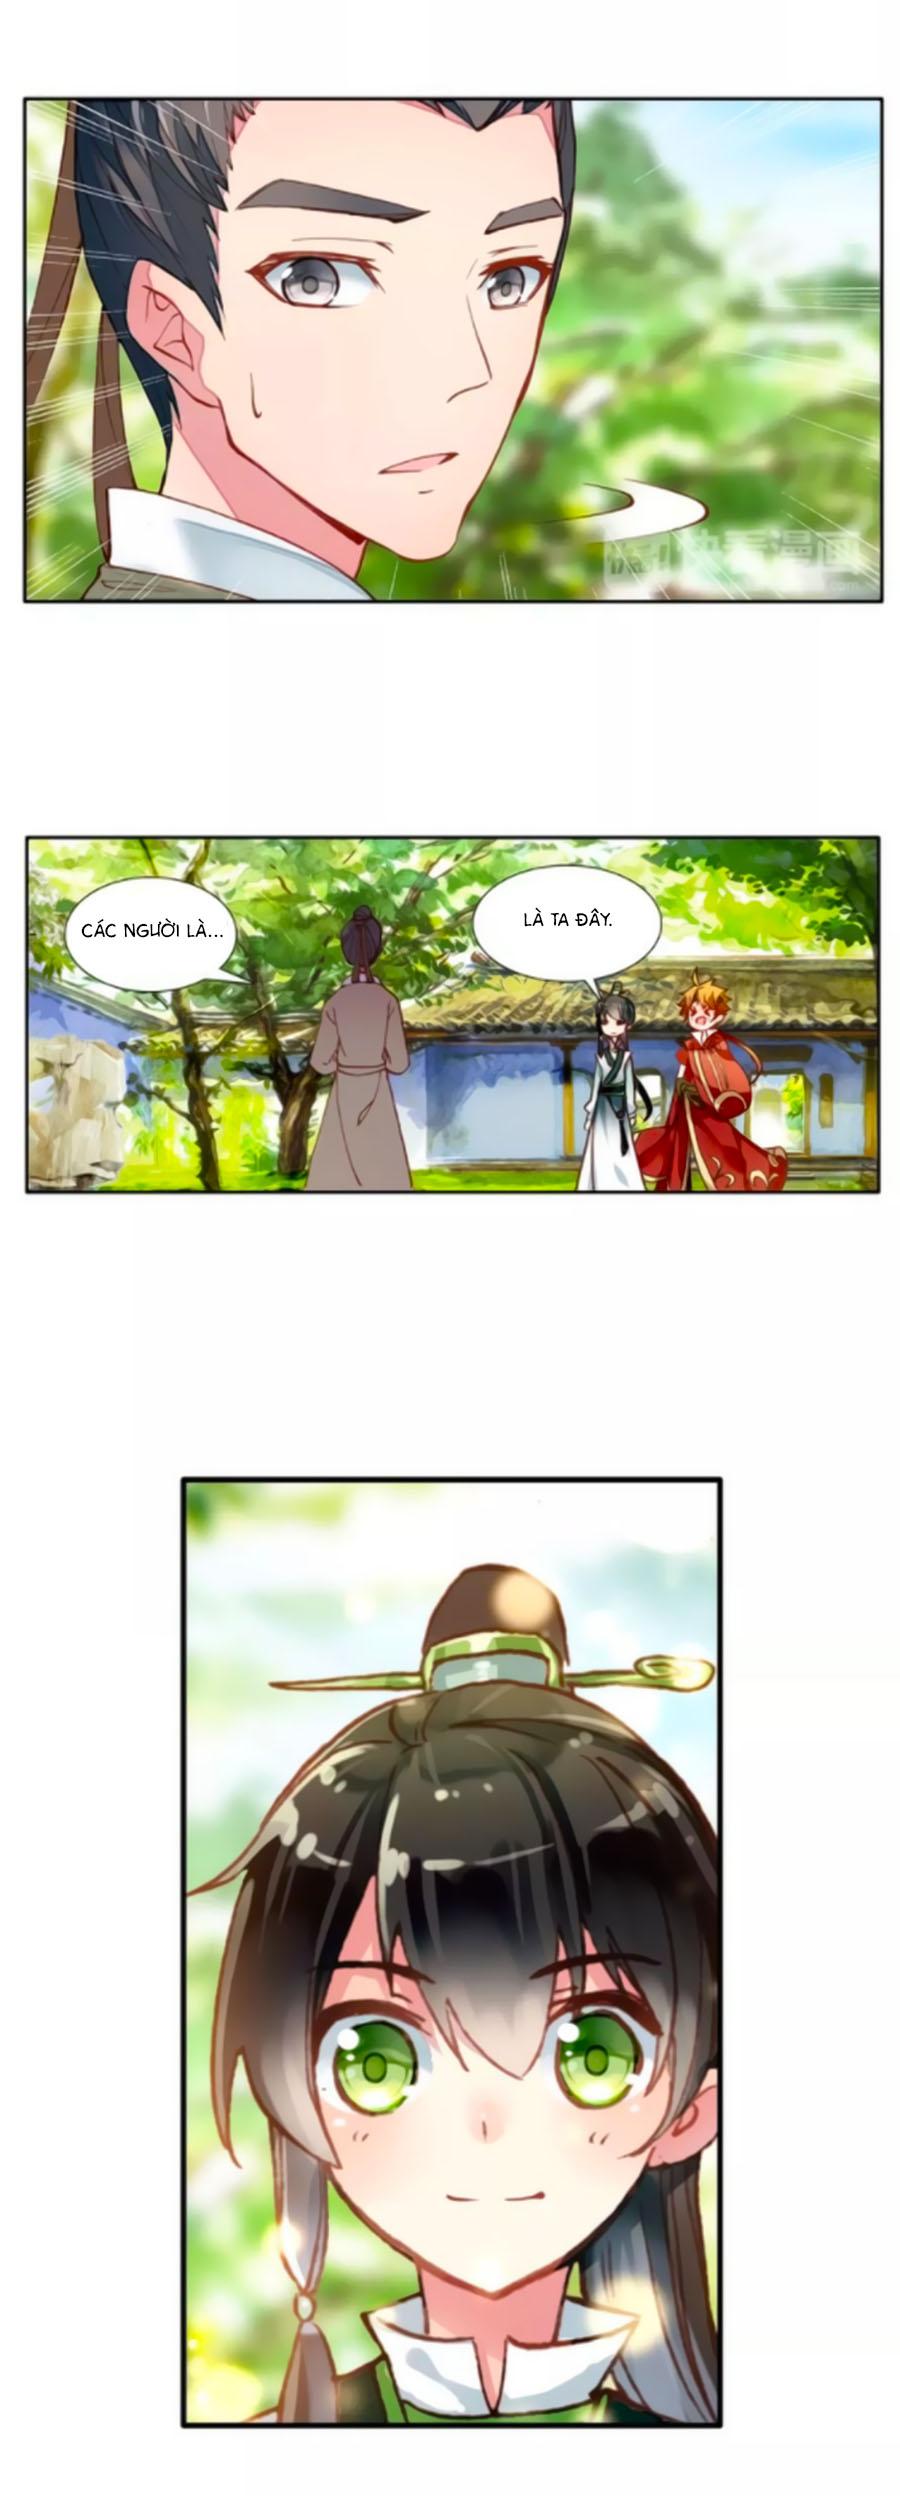 Trâm Trung Lục trang 9